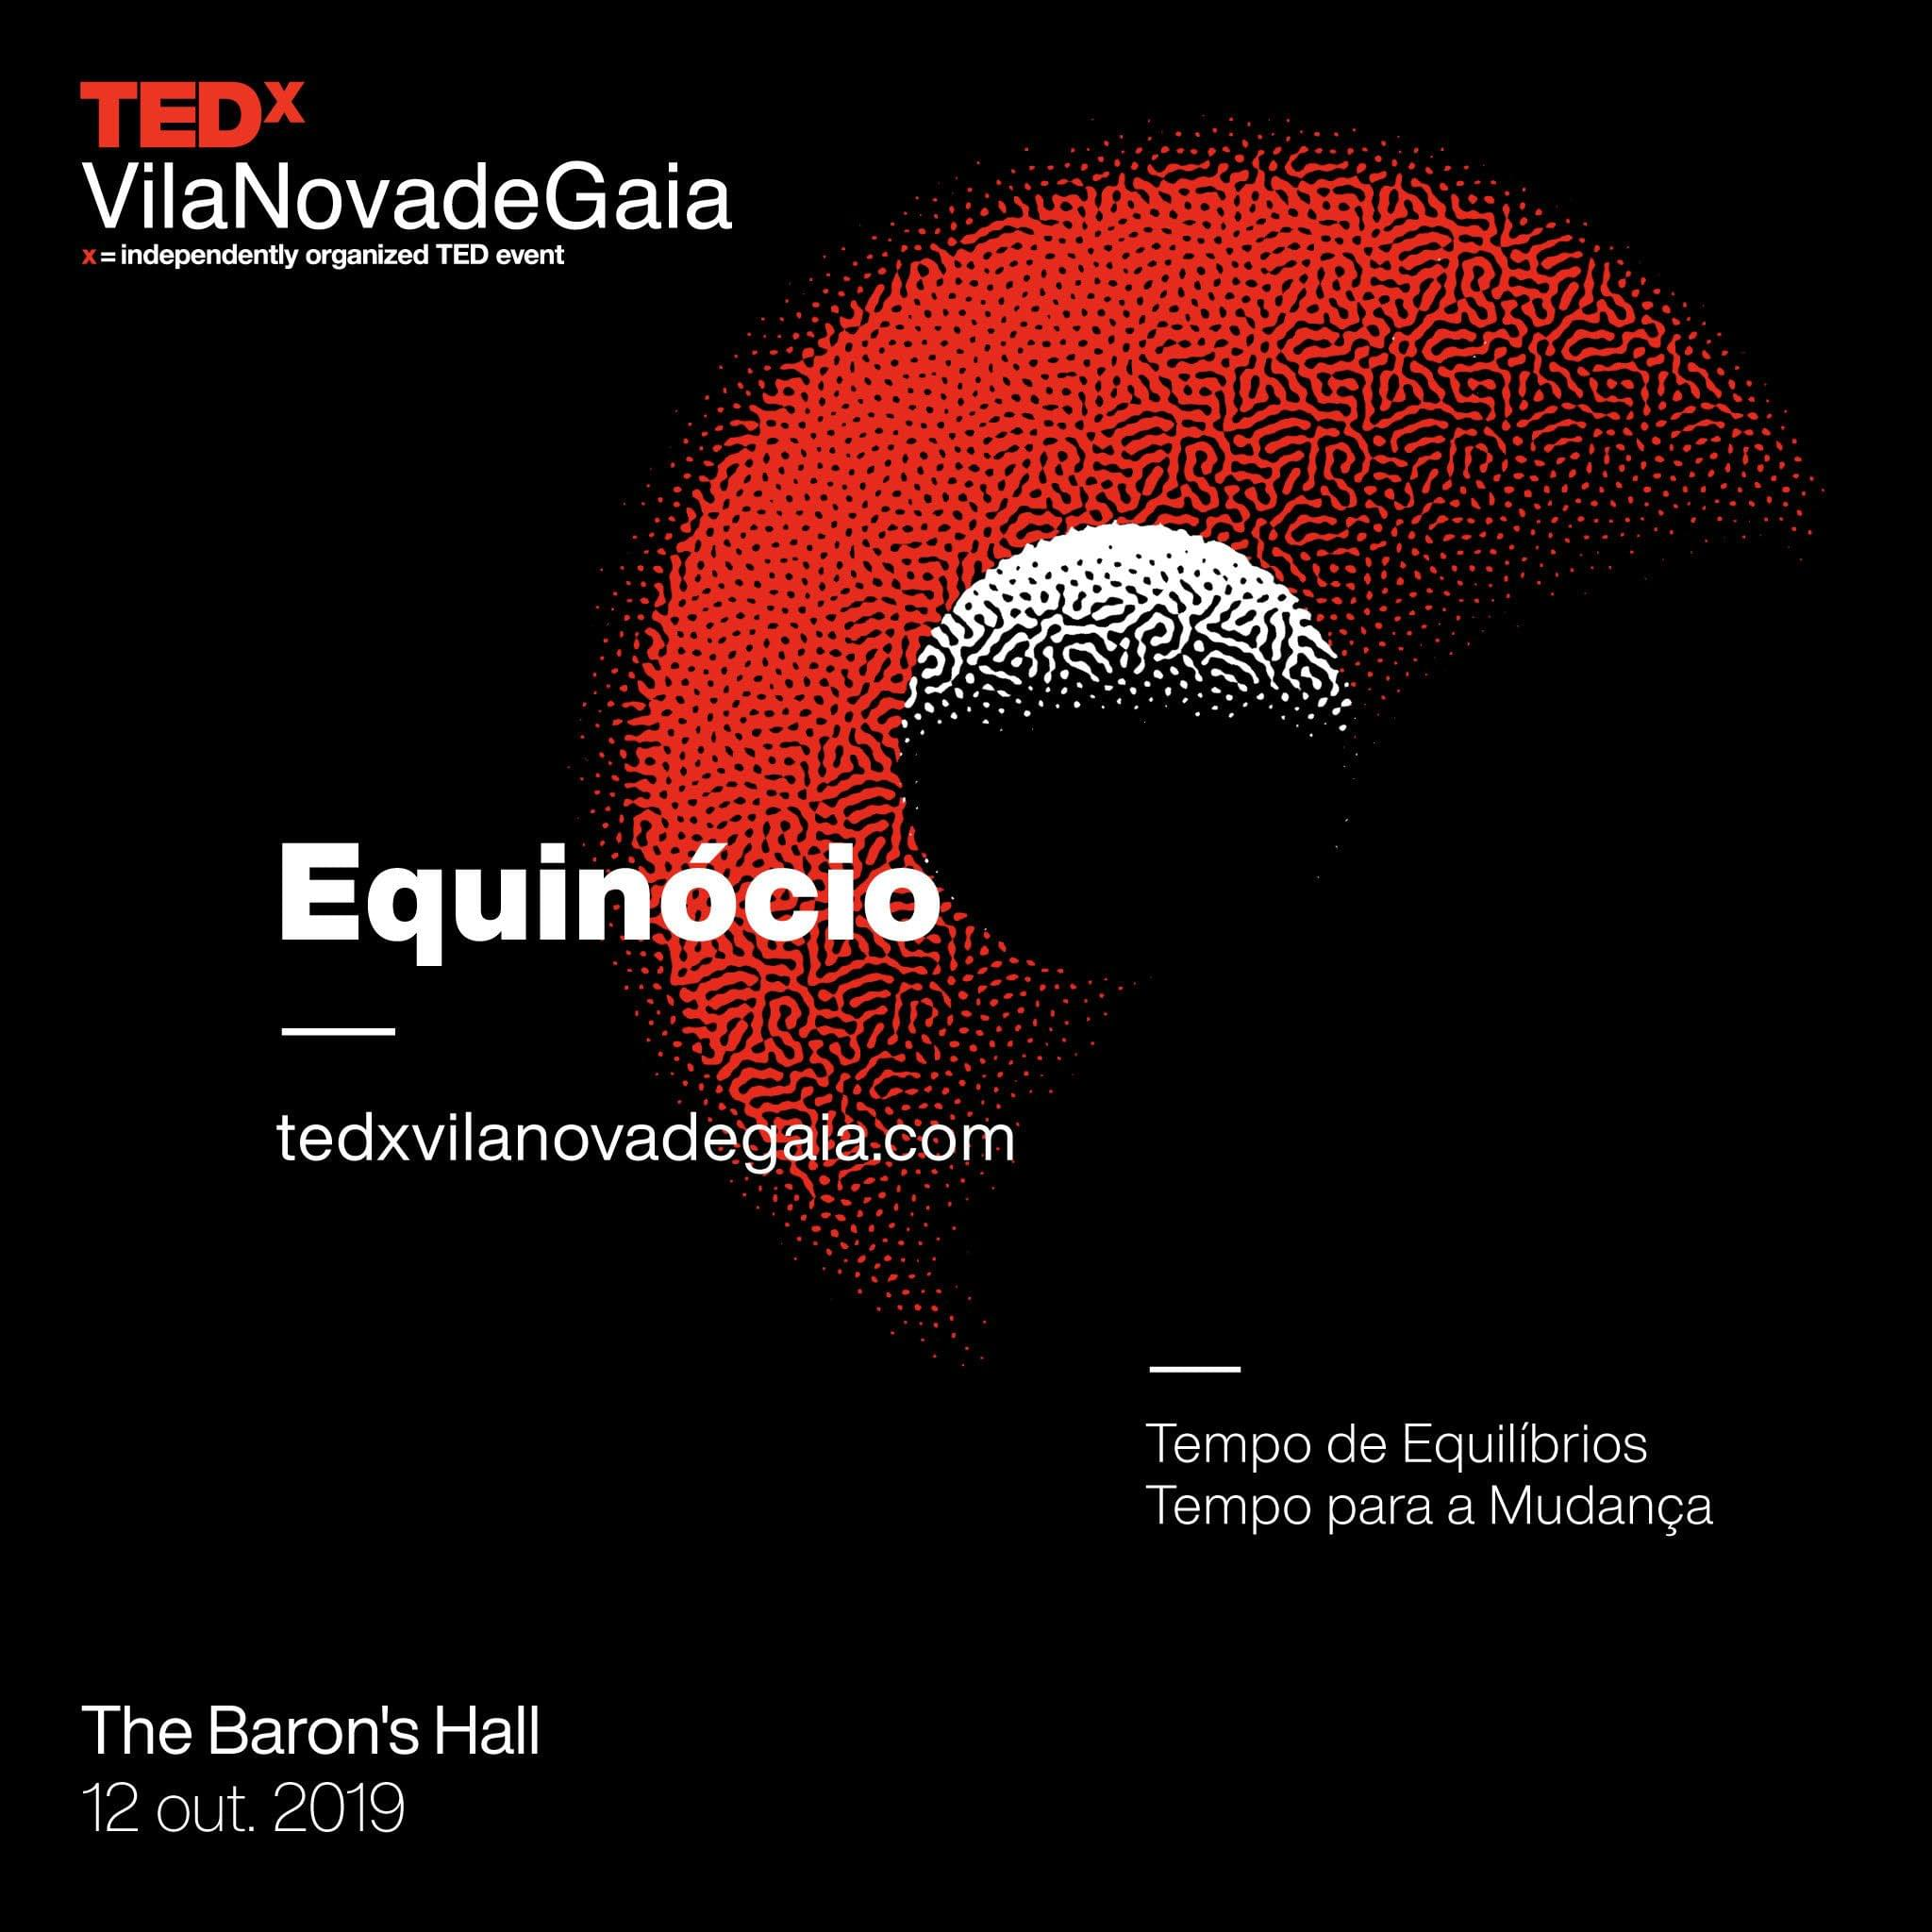 Vá ao TEDx Equinócio com descontos especiais de Associado ANJE